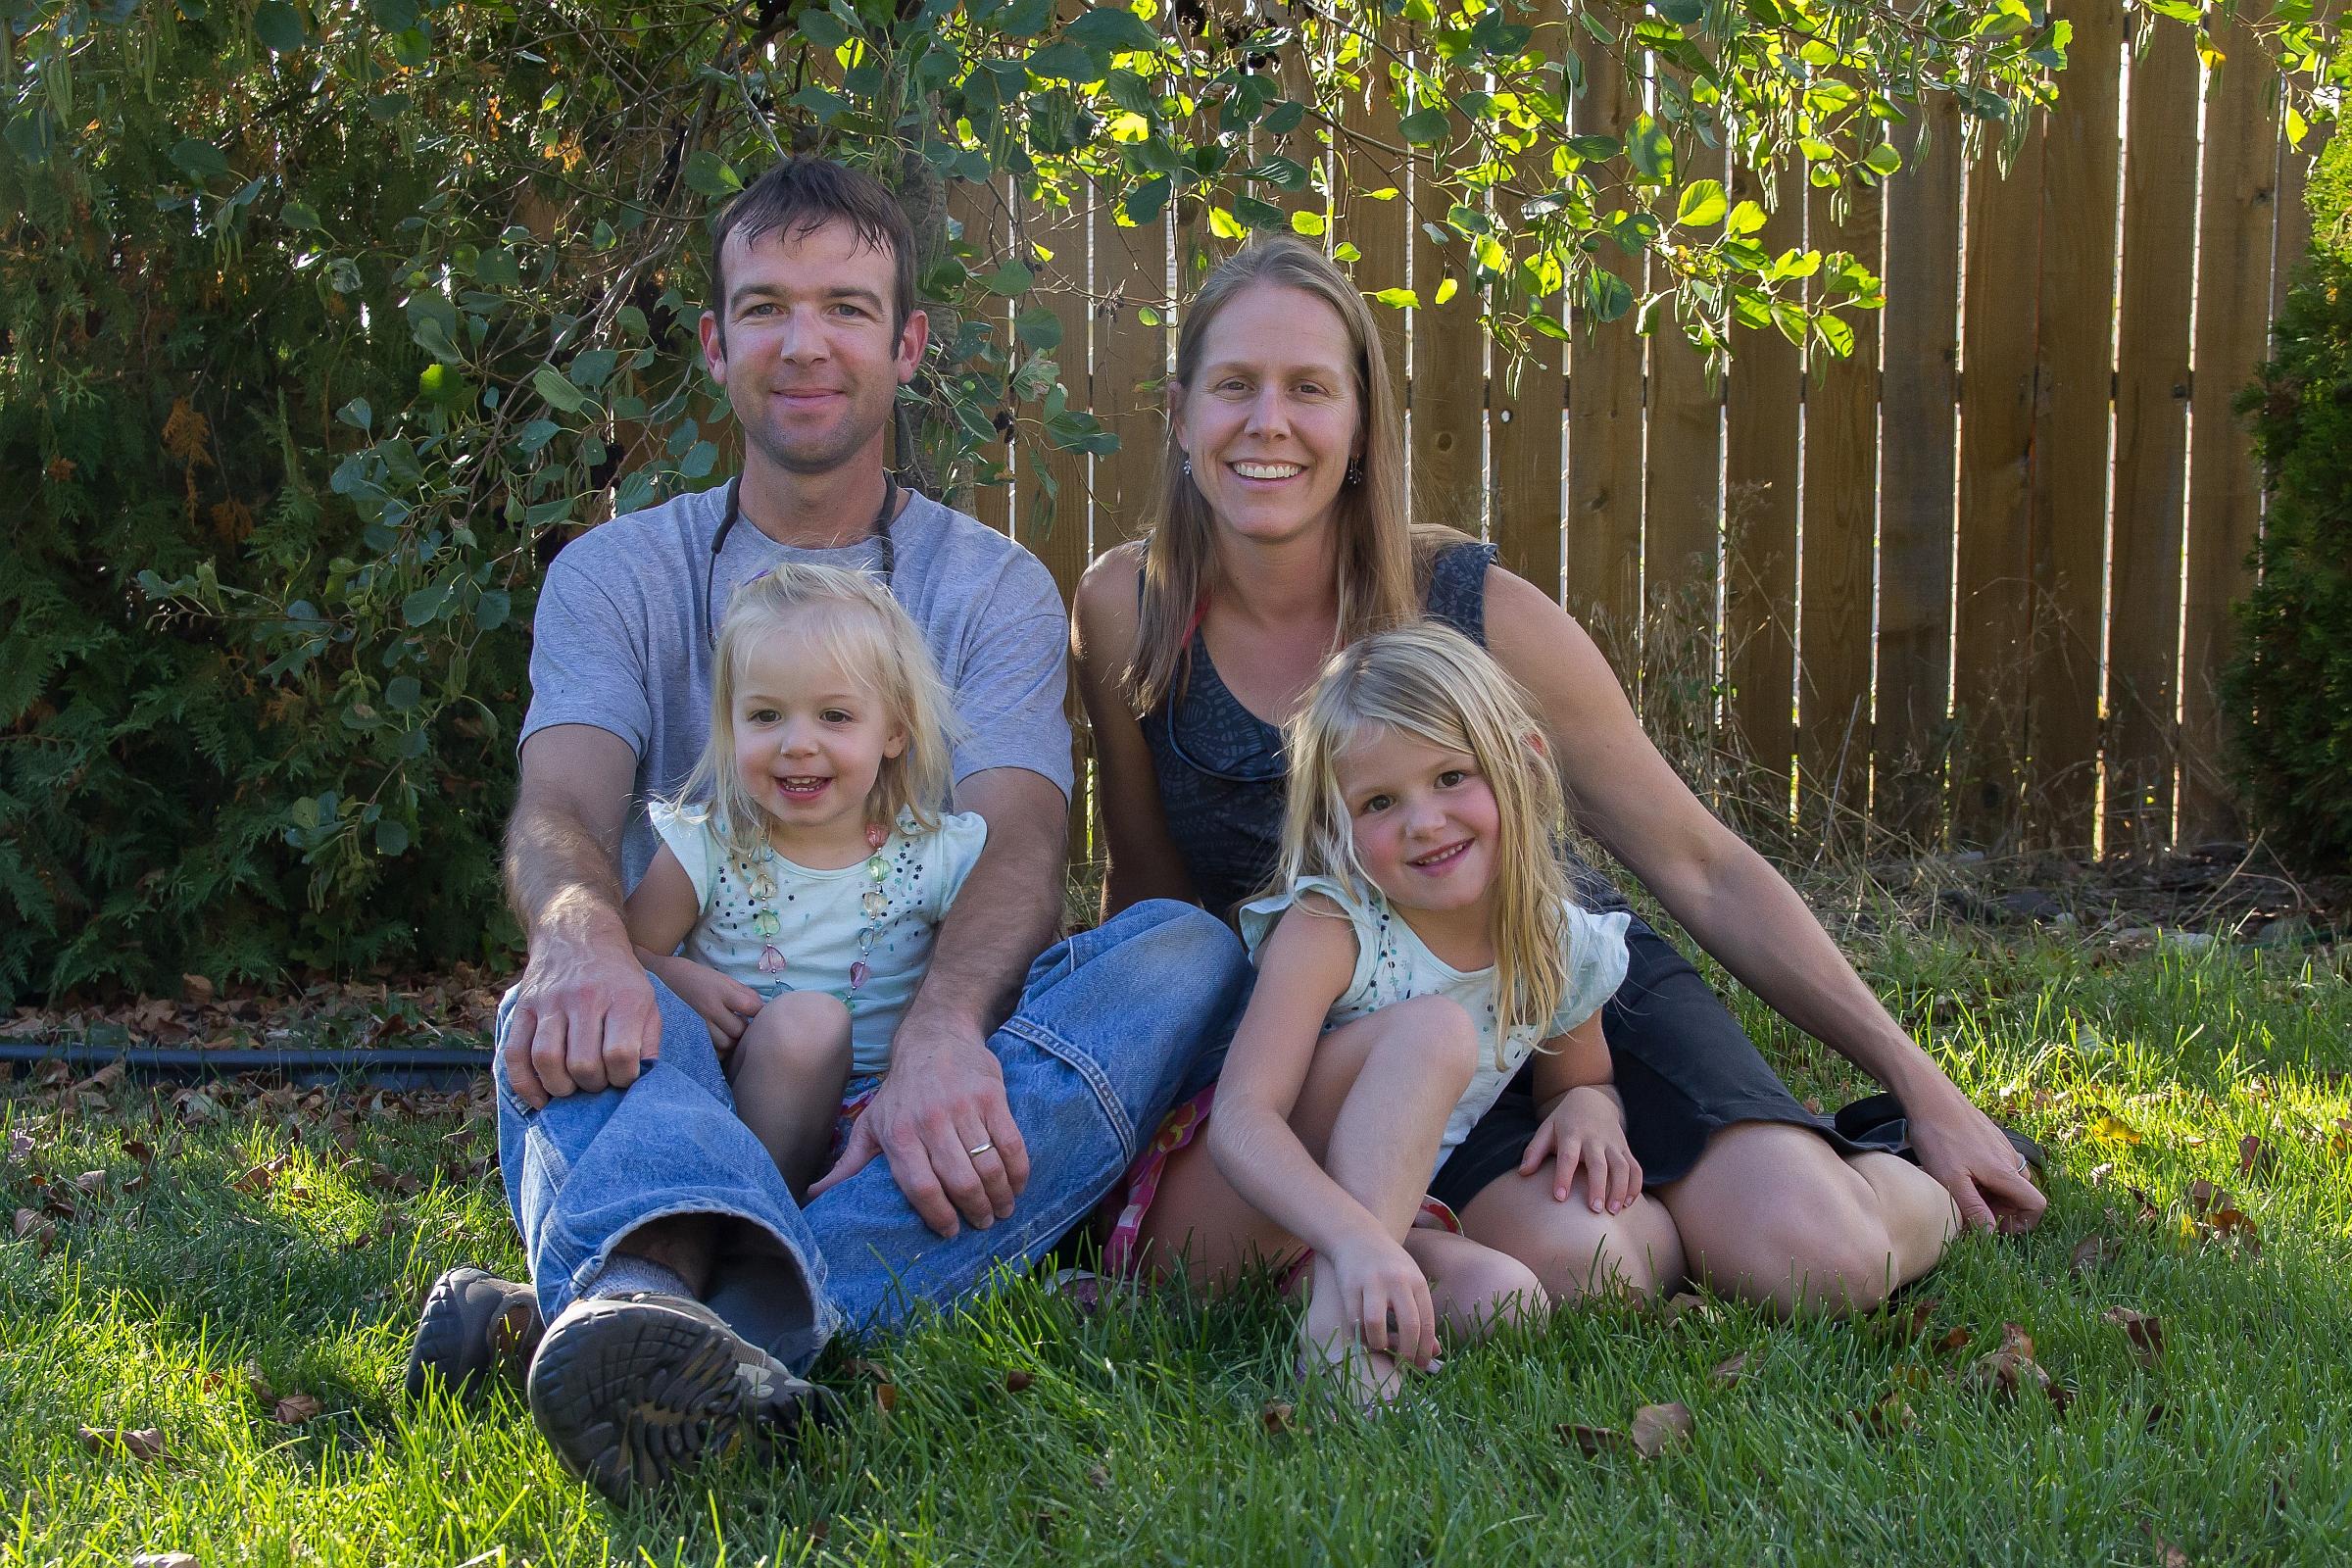 family_portrait_2-1645_resized_8in.jpg